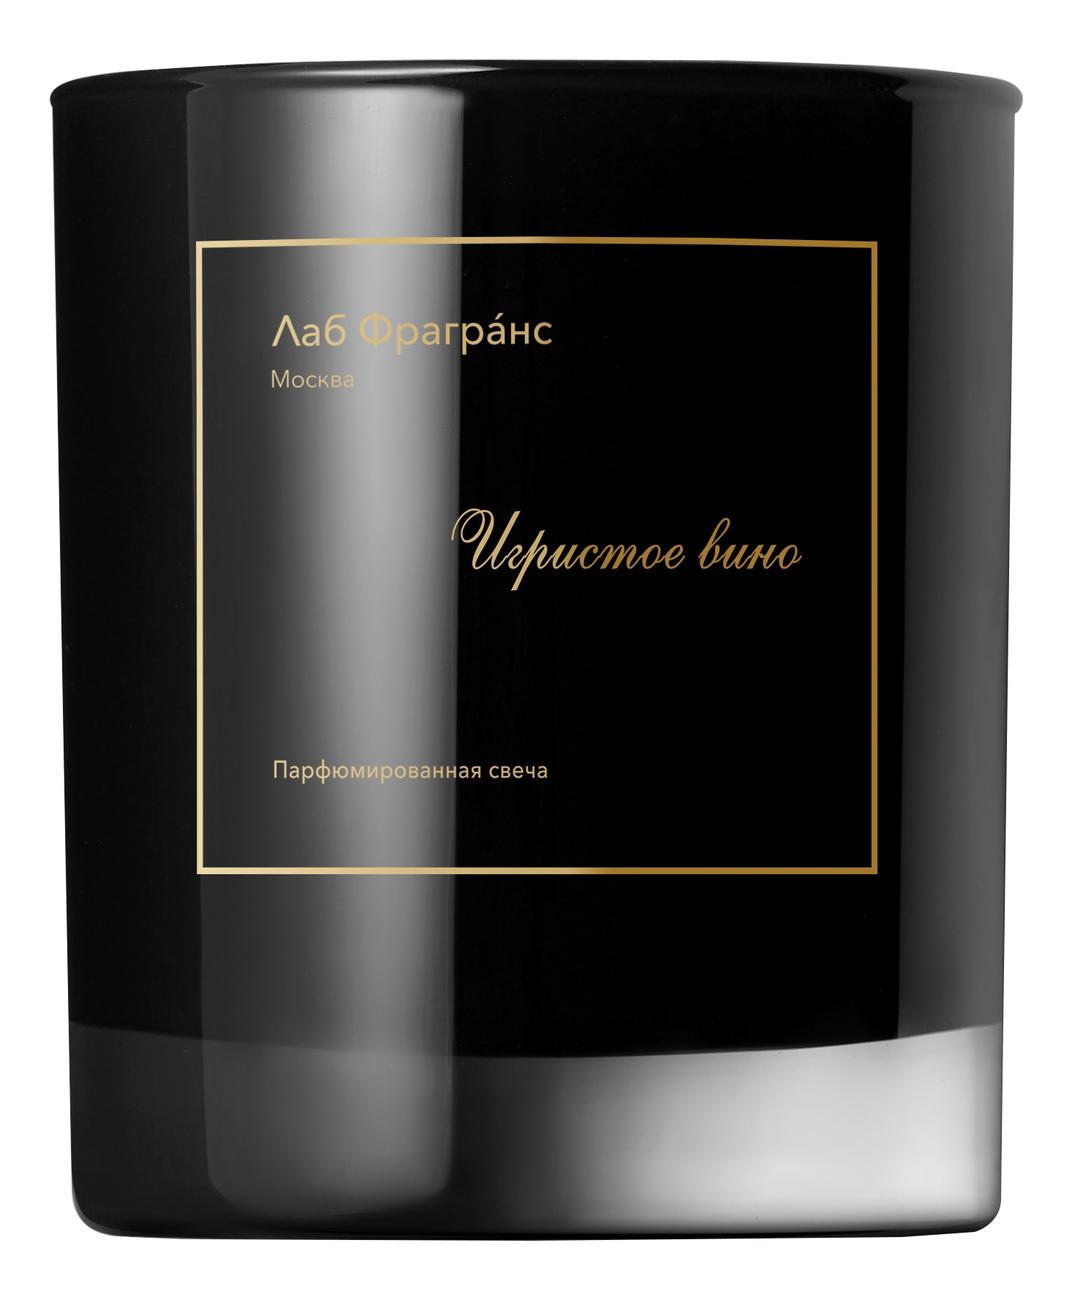 Фото - Ароматическая свеча Игристое вино: свеча 70г ароматическая свеча игристое вино свеча 70г